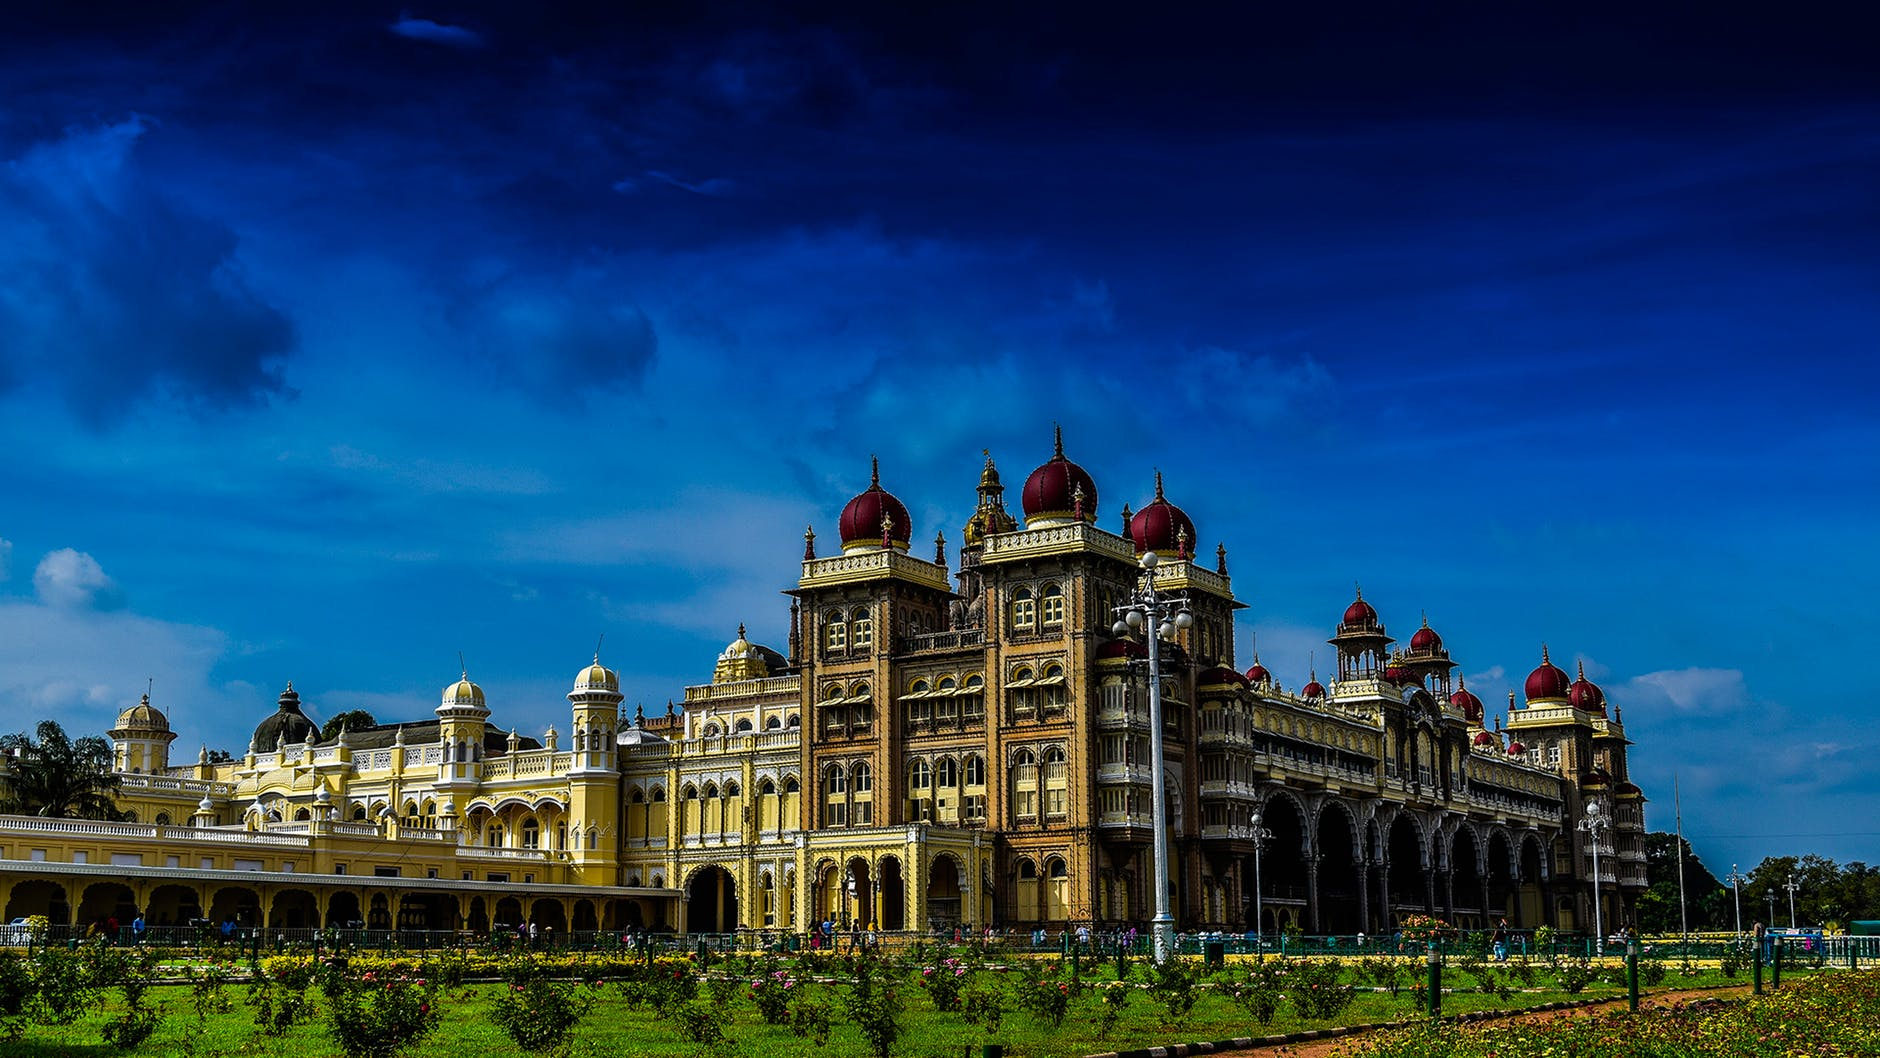 Palatul din Mysore1